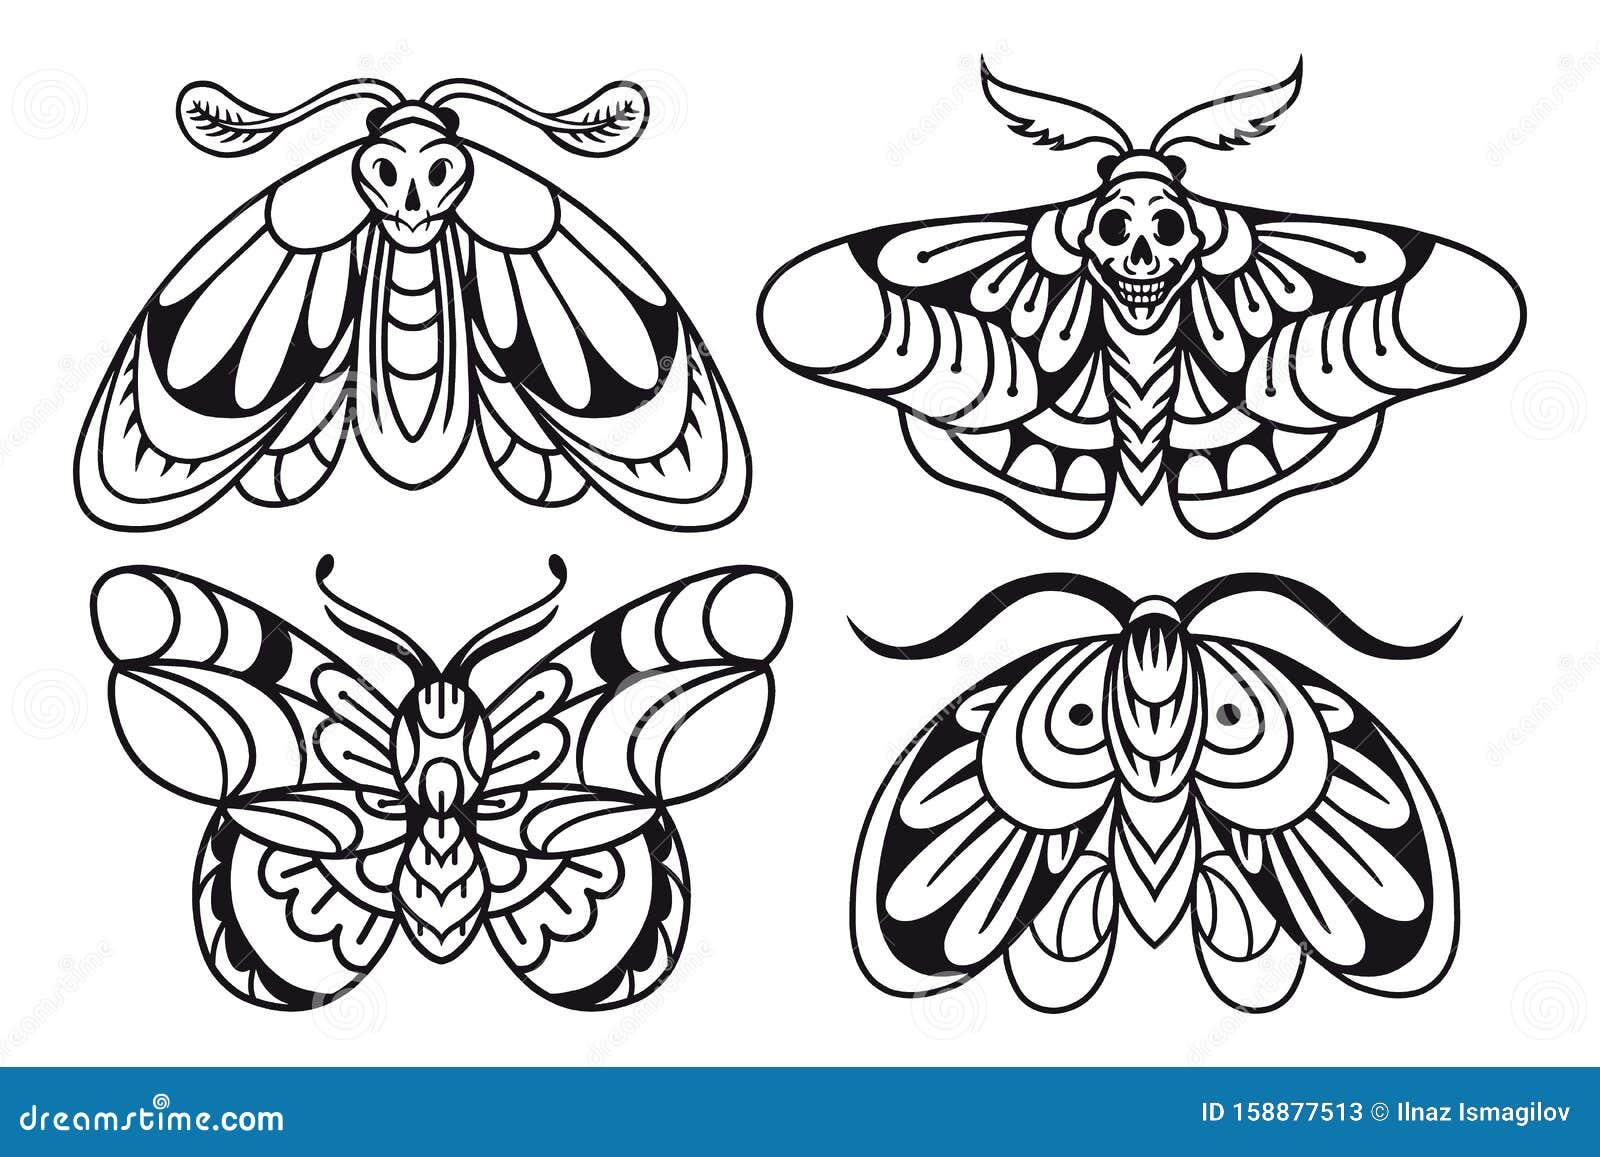 Tattoo Illustration Tattoo Moth Drawing